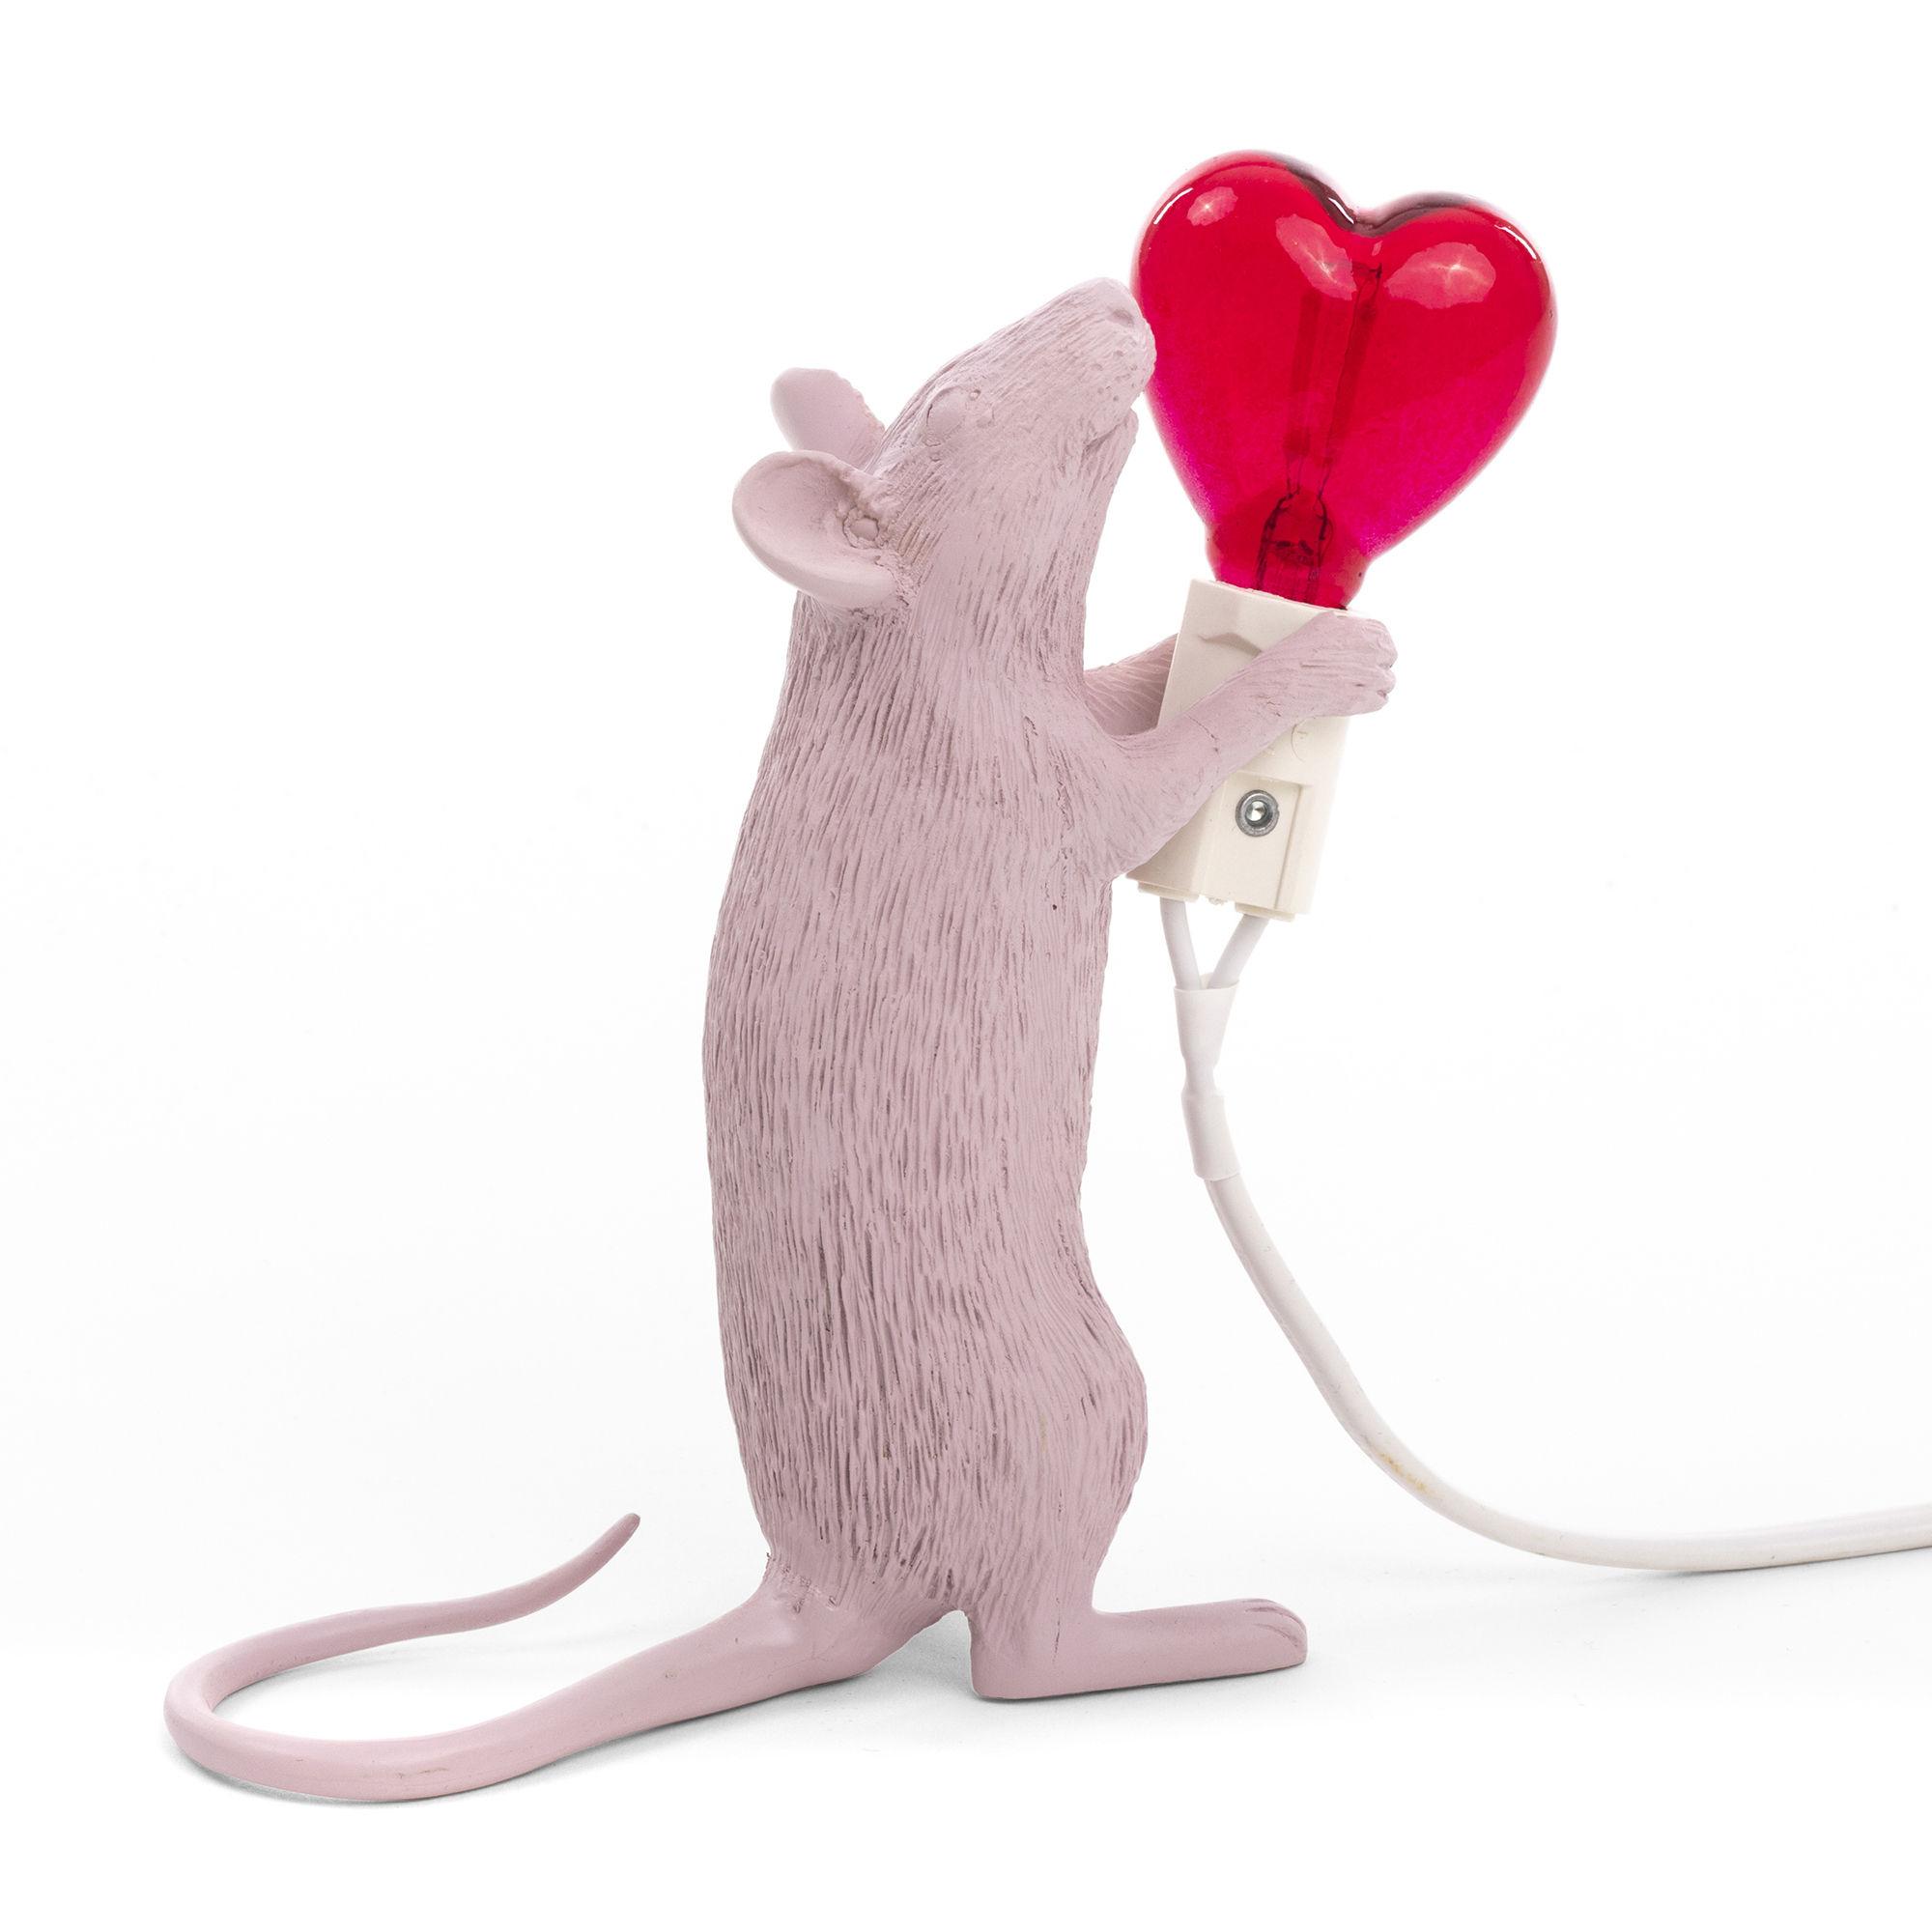 Déco - Pour les enfants - Lampe de table Mouse Sitting #2 / Edition limitée St Valentin - Seletti - Souris rose / Ampoule cœur rouge - Résine